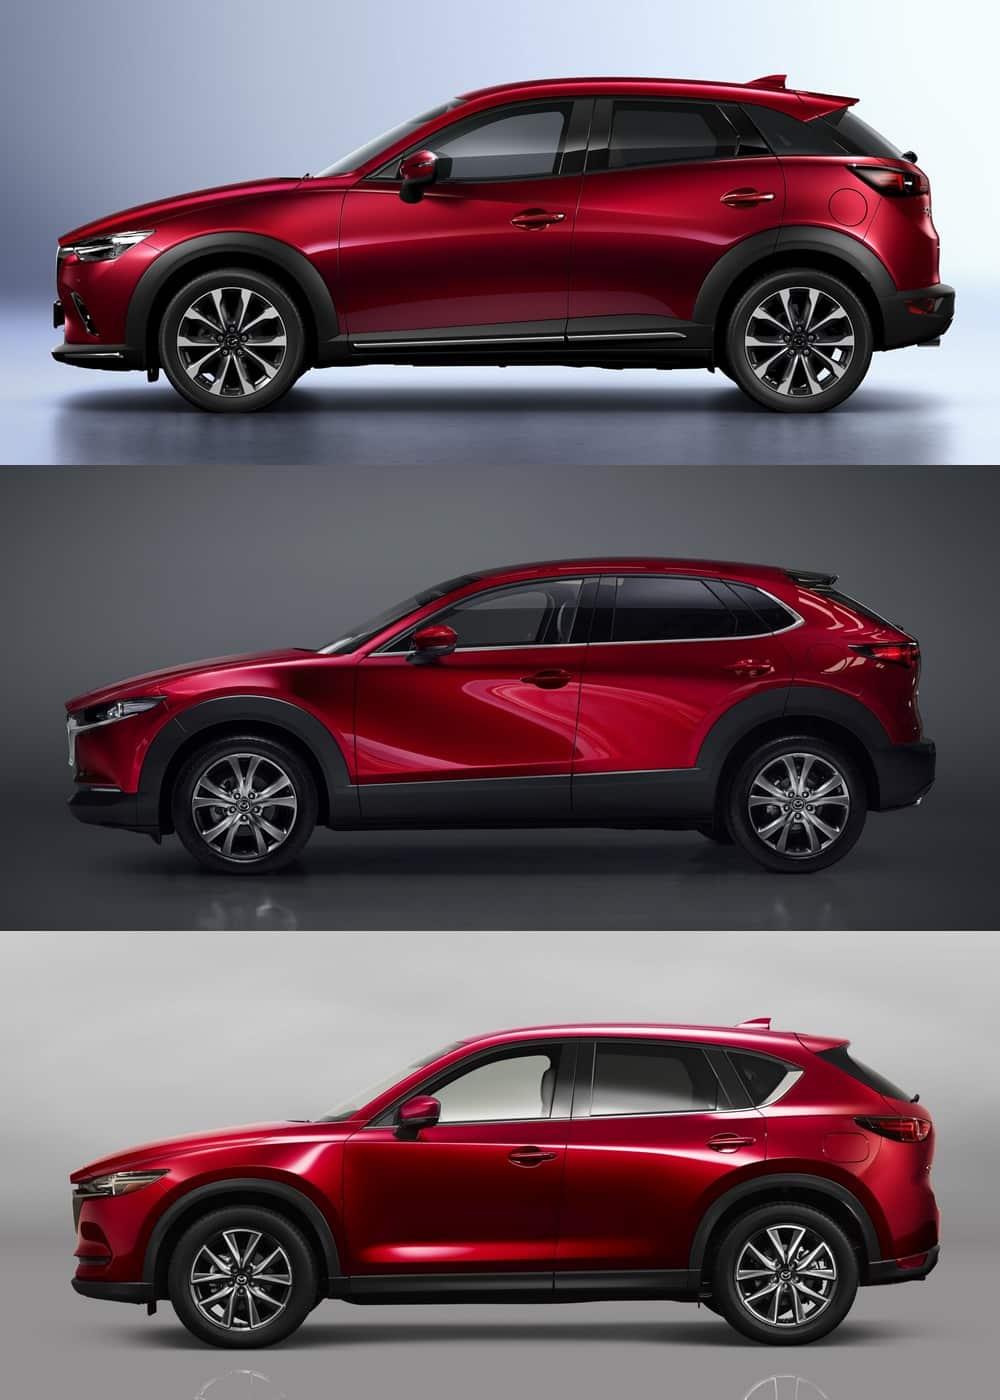 Mazda Cx 3 >> Comparativa visual Mazda CX-3 vs. CX-30 vs. CX-5